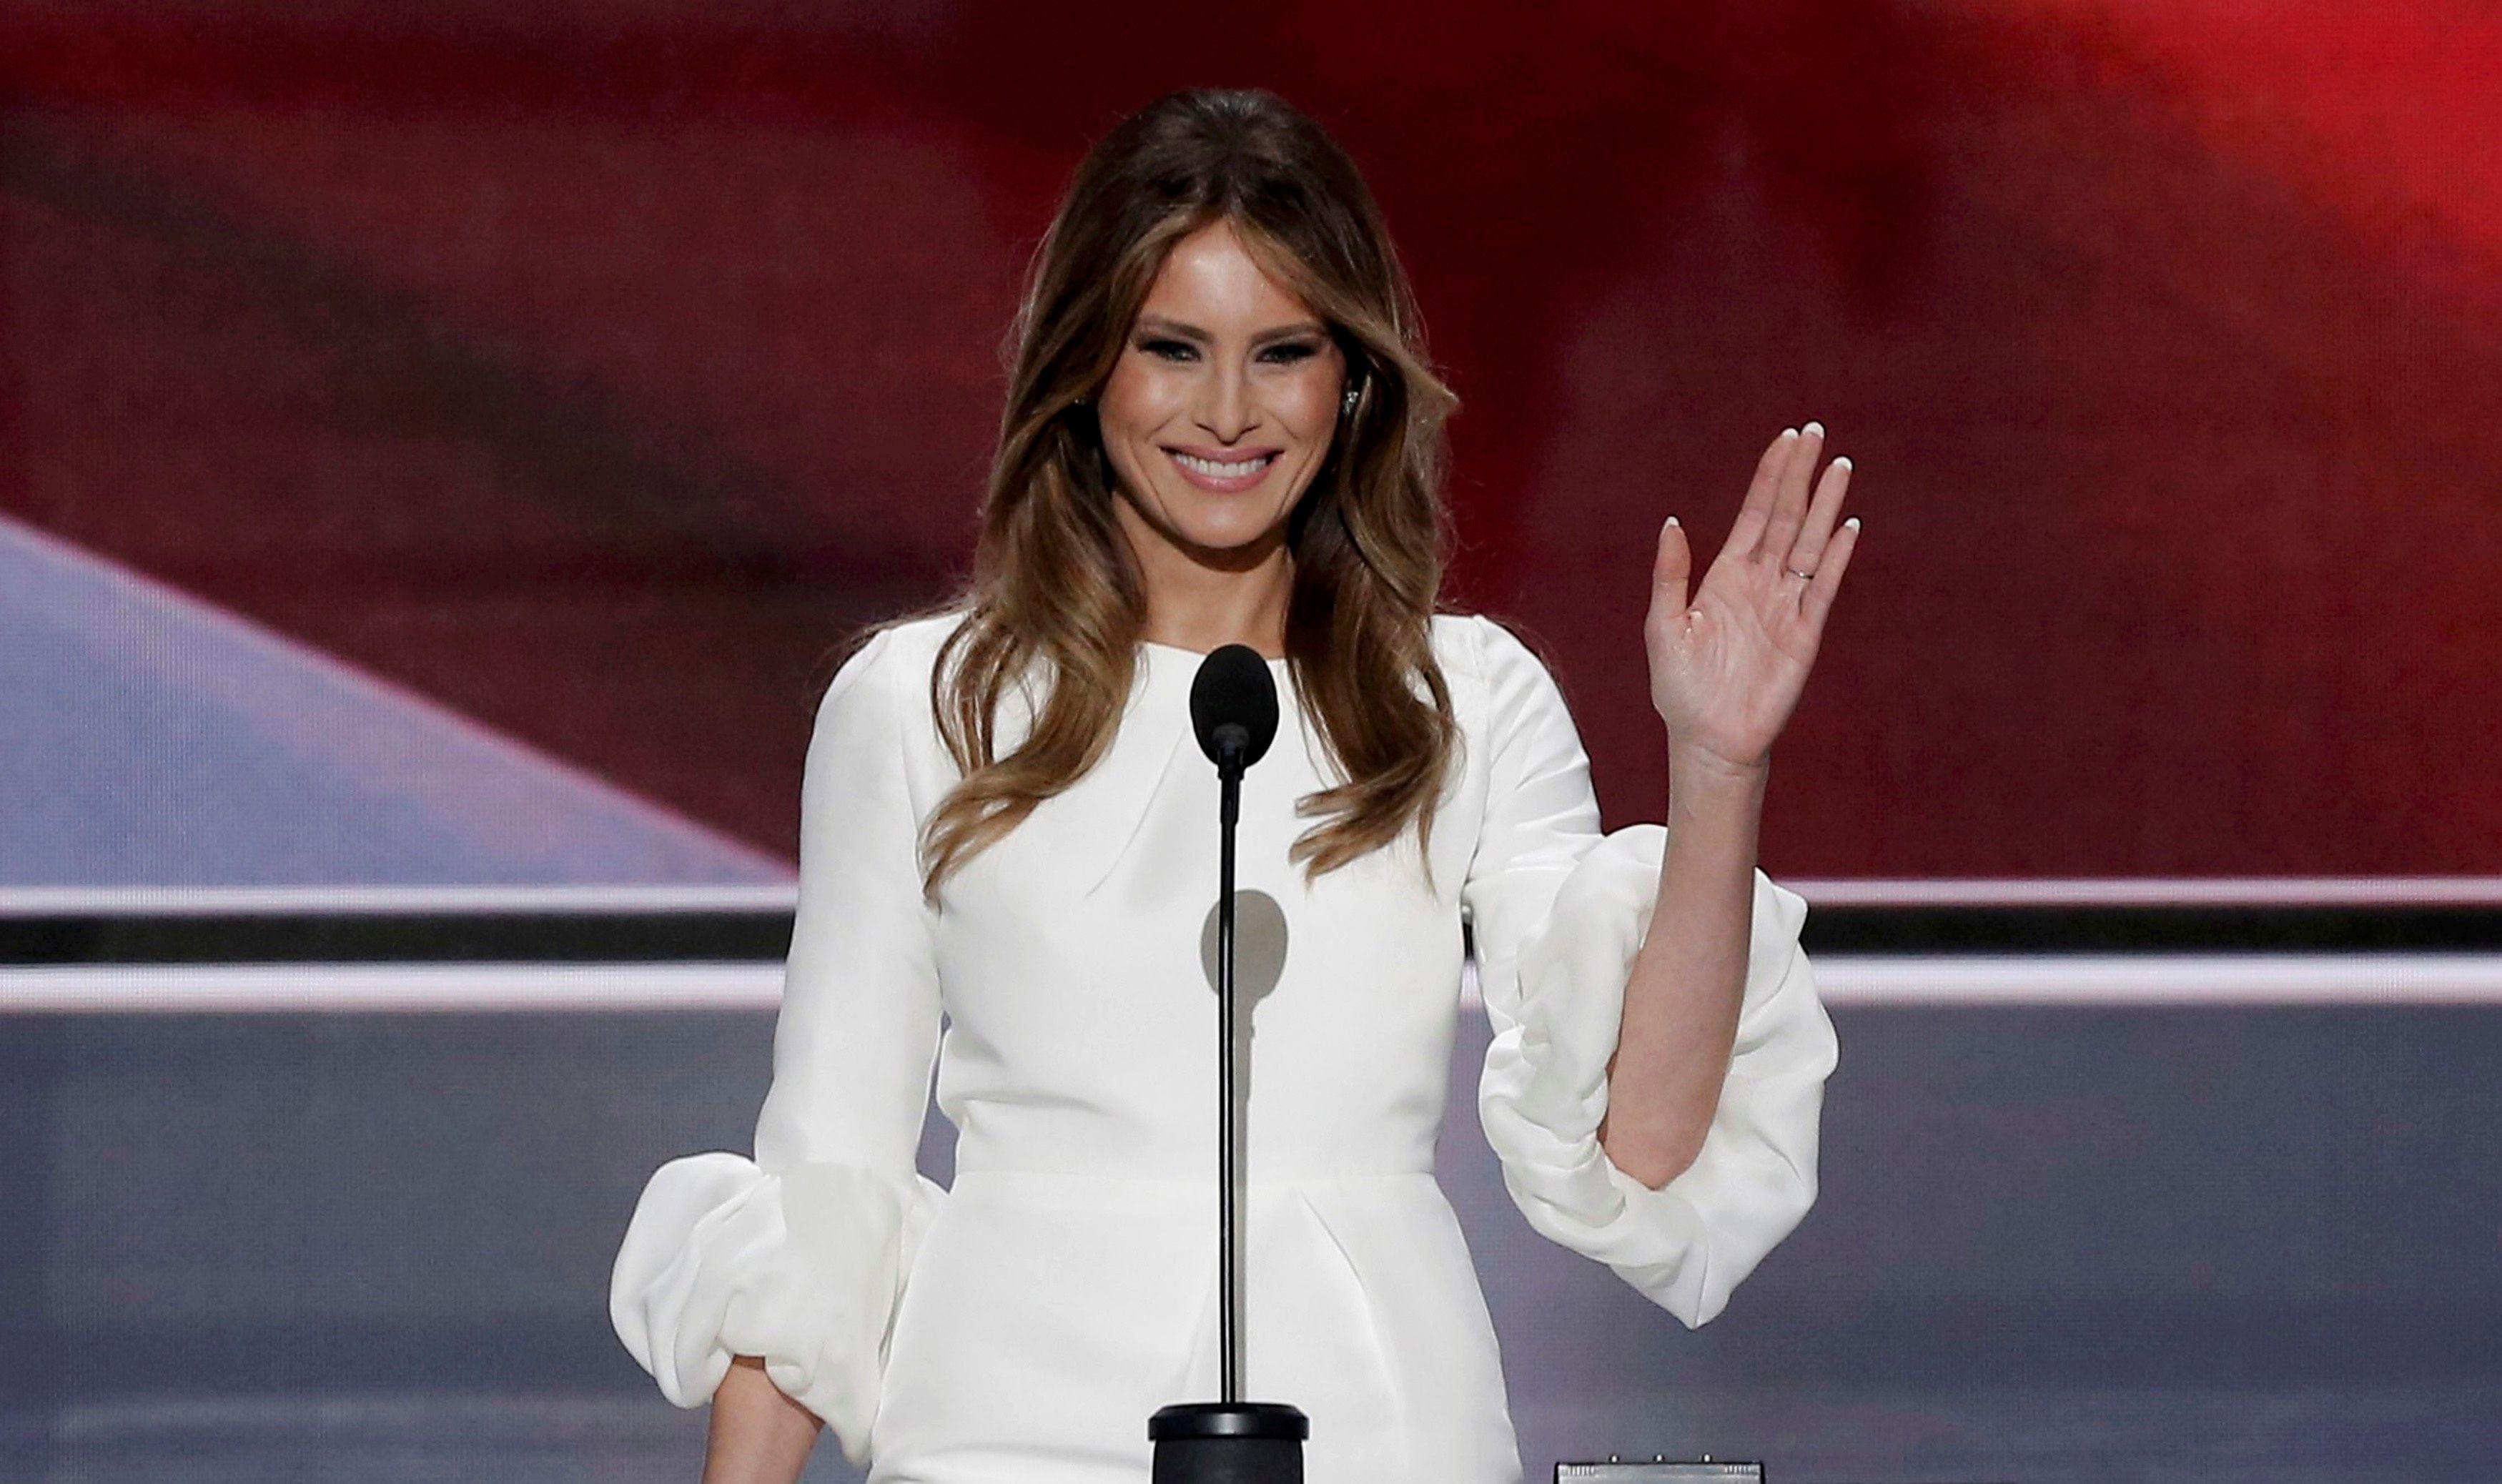 Melania Trump accusée d'avoir plagié un discours de Michelle Obama!